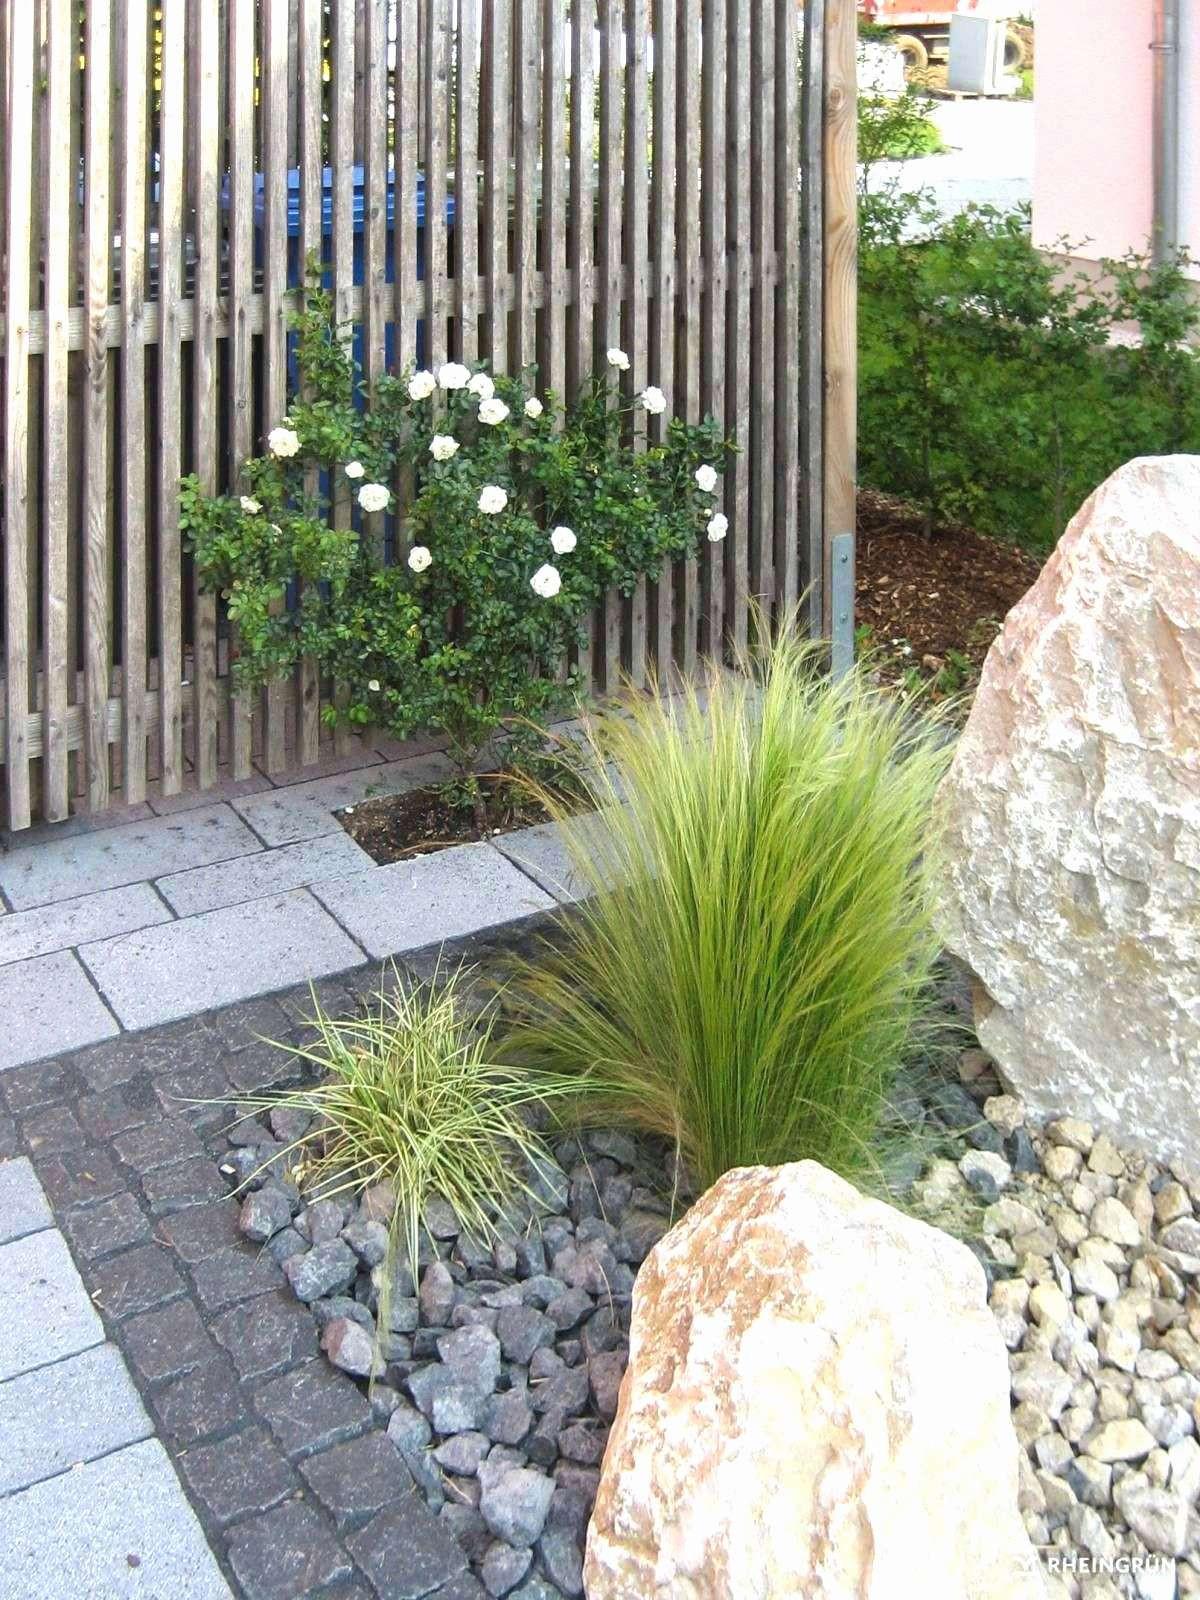 reihenhausgarten modern gestalten mit garten modern bepflanzen vorgarten modern gestalten 42 22 und garten modern bepflanzen garten gestalten bilder das beste von formaler reihenhausgarten 0d of garte